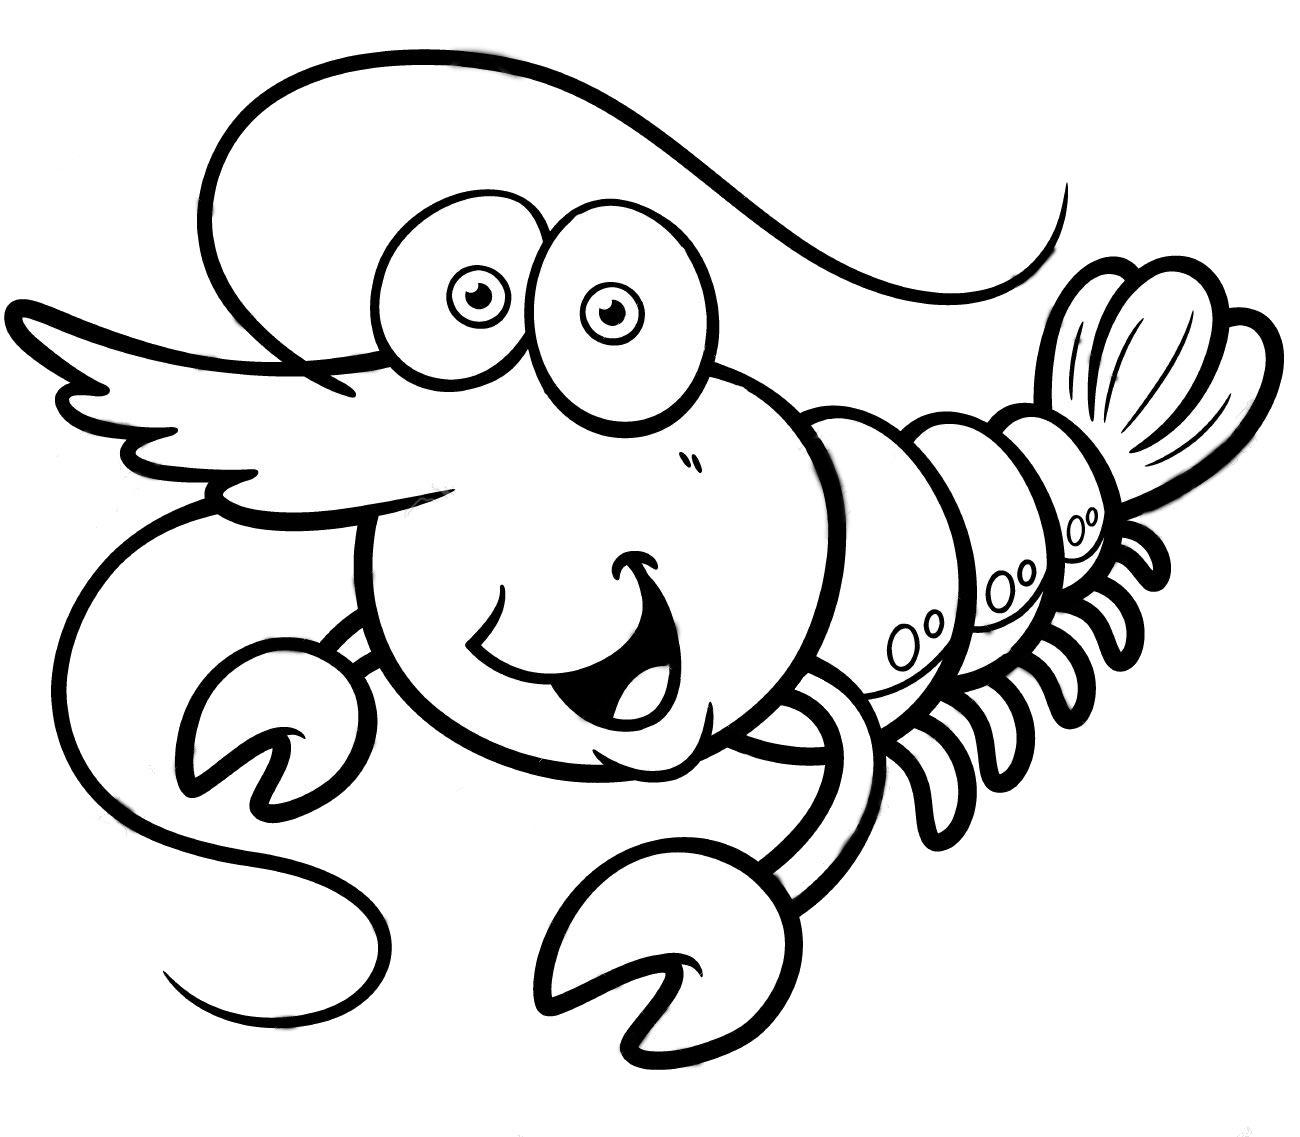 Hình tô màu con tôm hoạt hình